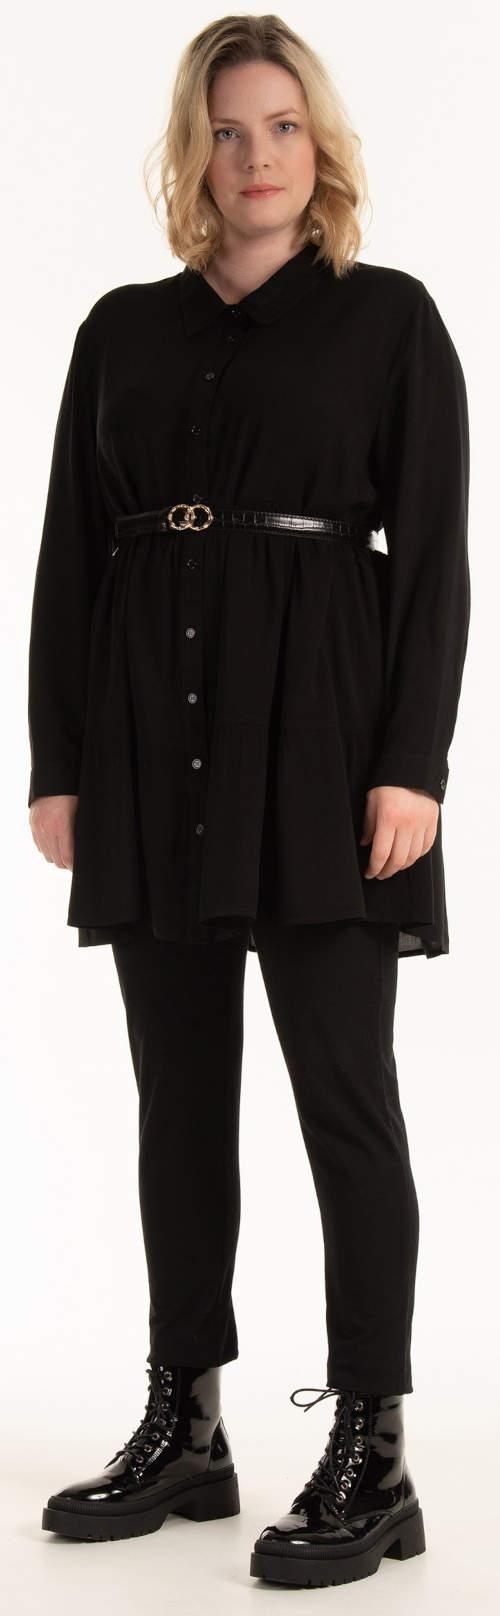 Černá plus size dámská košilová tunika